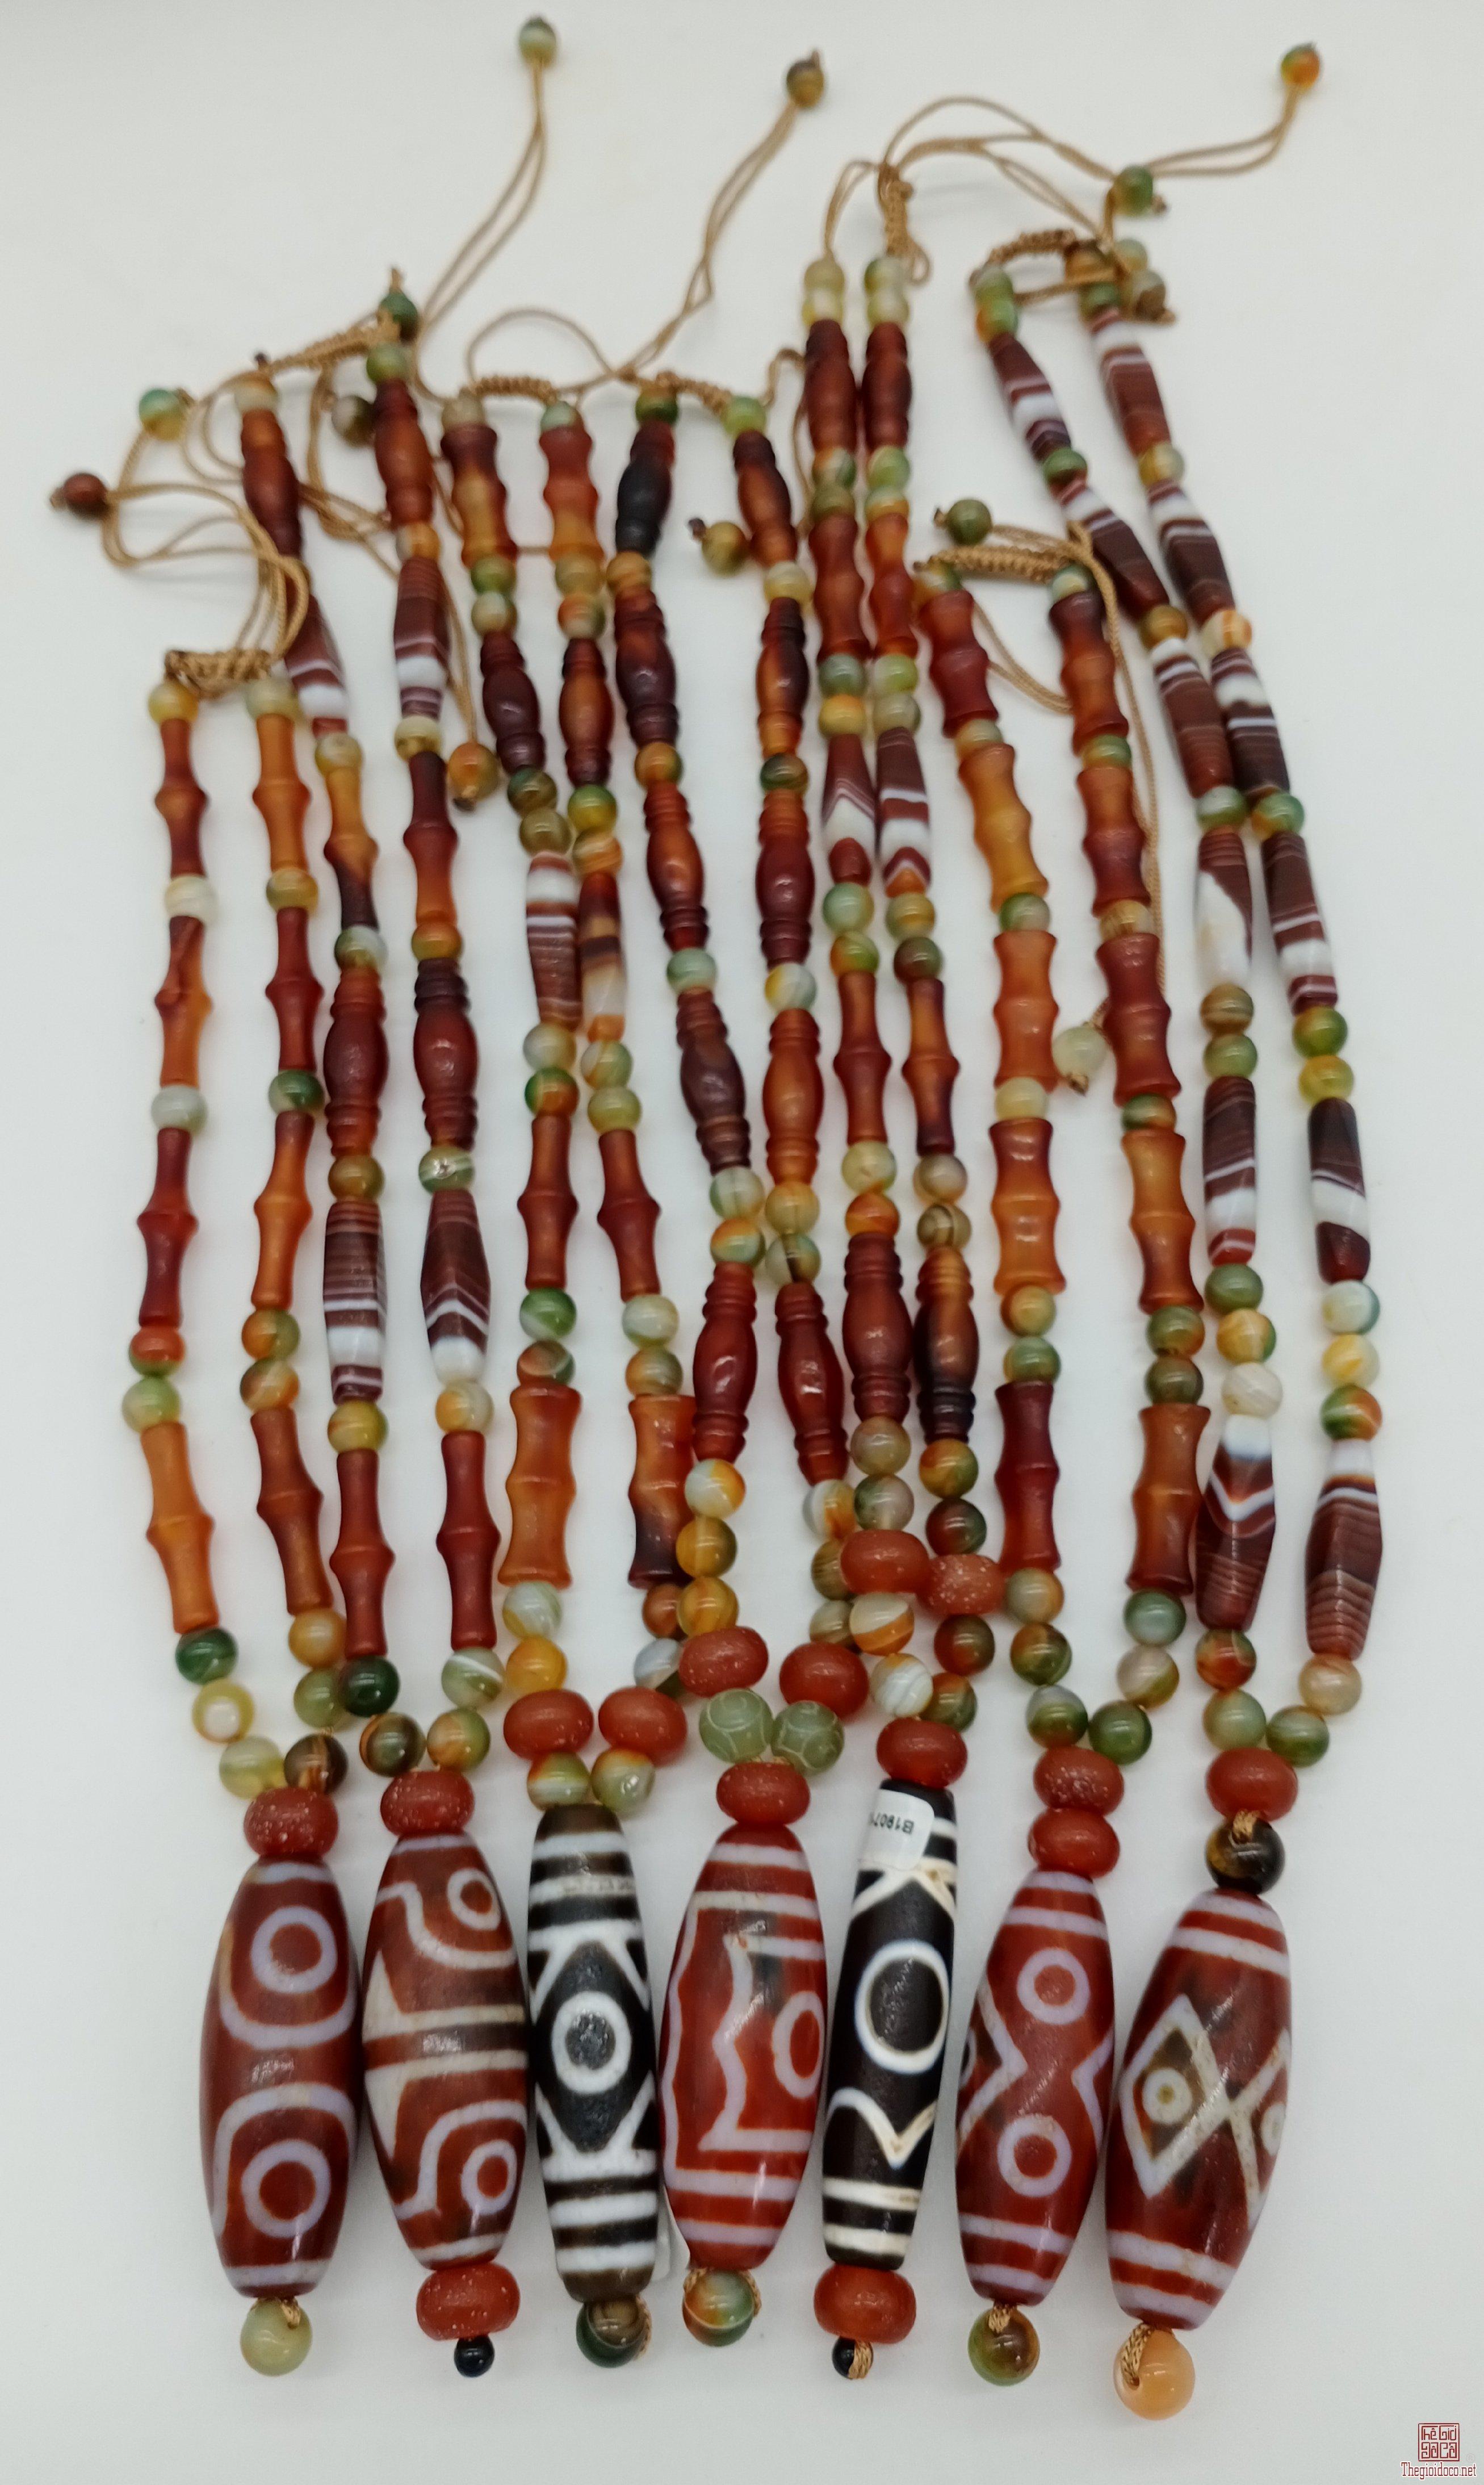 Dây chuyền mã não,mặt đá dzi Tây Tạng,hỗ trợ người đeo mọi mặt trong cuộc sống (có giấy chứng nhận )